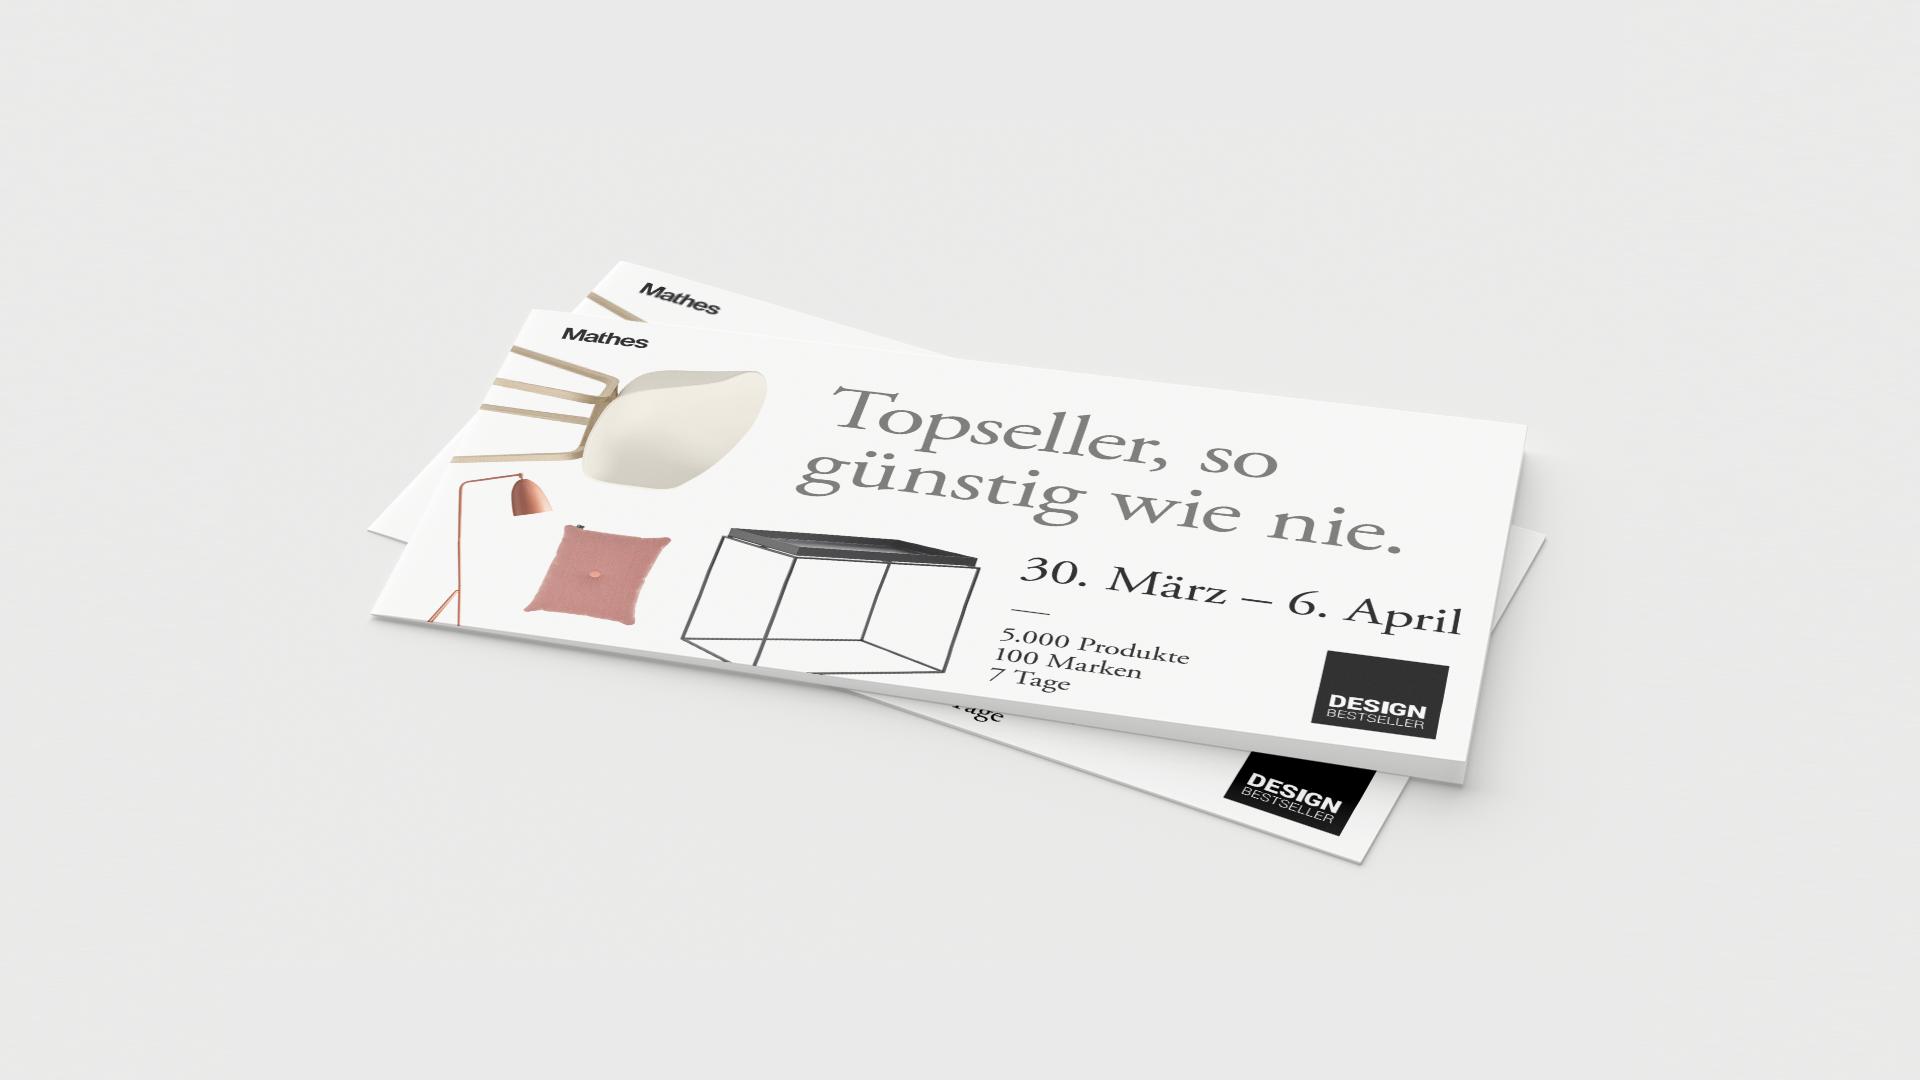 """DIN-Lang Mailings mit dem Claim """"Topseller, so günstig wie nie."""" der Werbekampagne für den Lagerverkauf von Design Bestseller."""